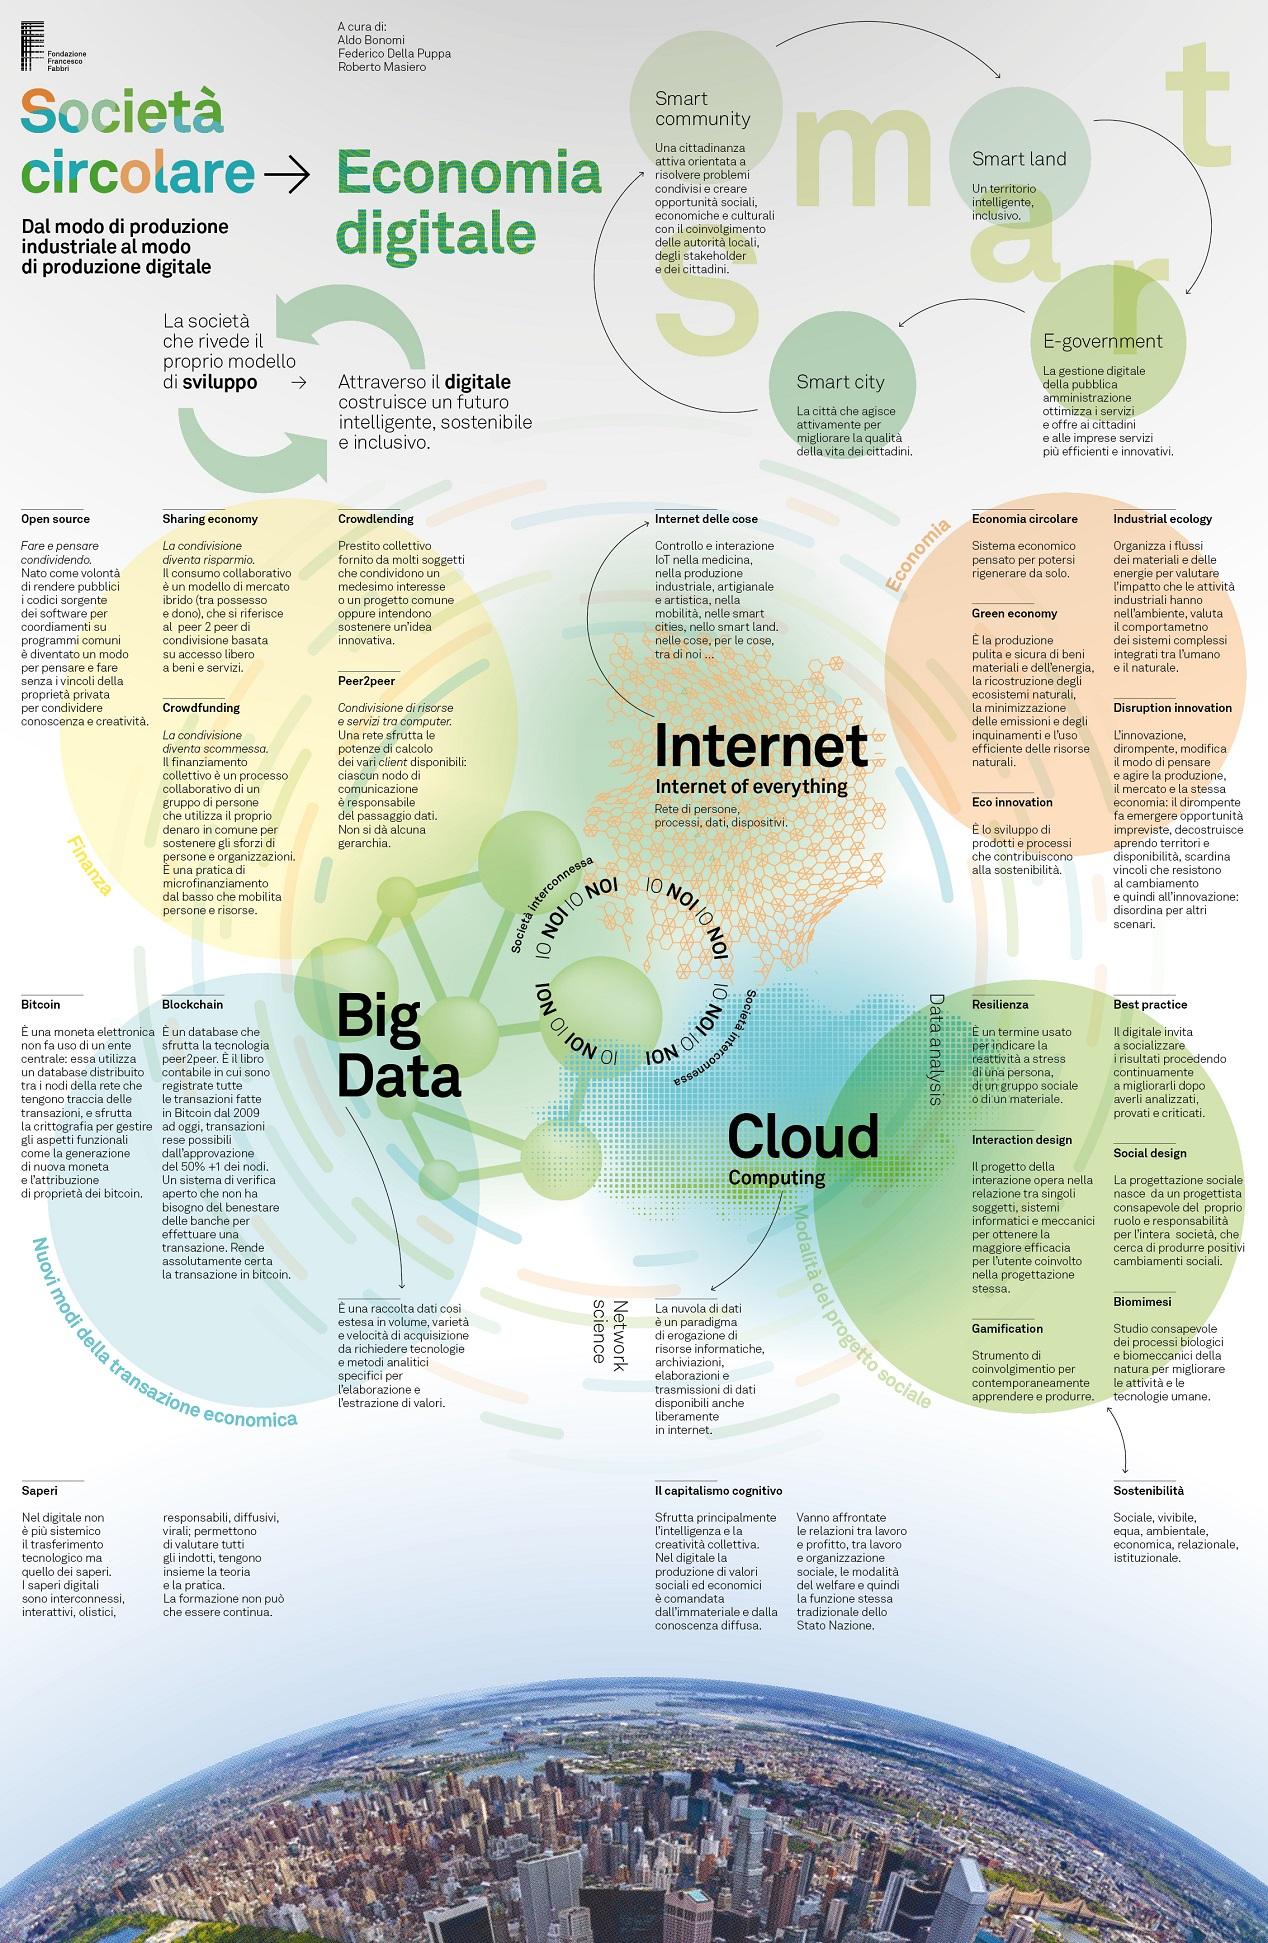 nella foto a colori si vede uno schema, tipo manifesto, con, in basso, una città con grattacieli e in alto la spiegazione della correlazione tra economia digitale, internet, big data e cloud